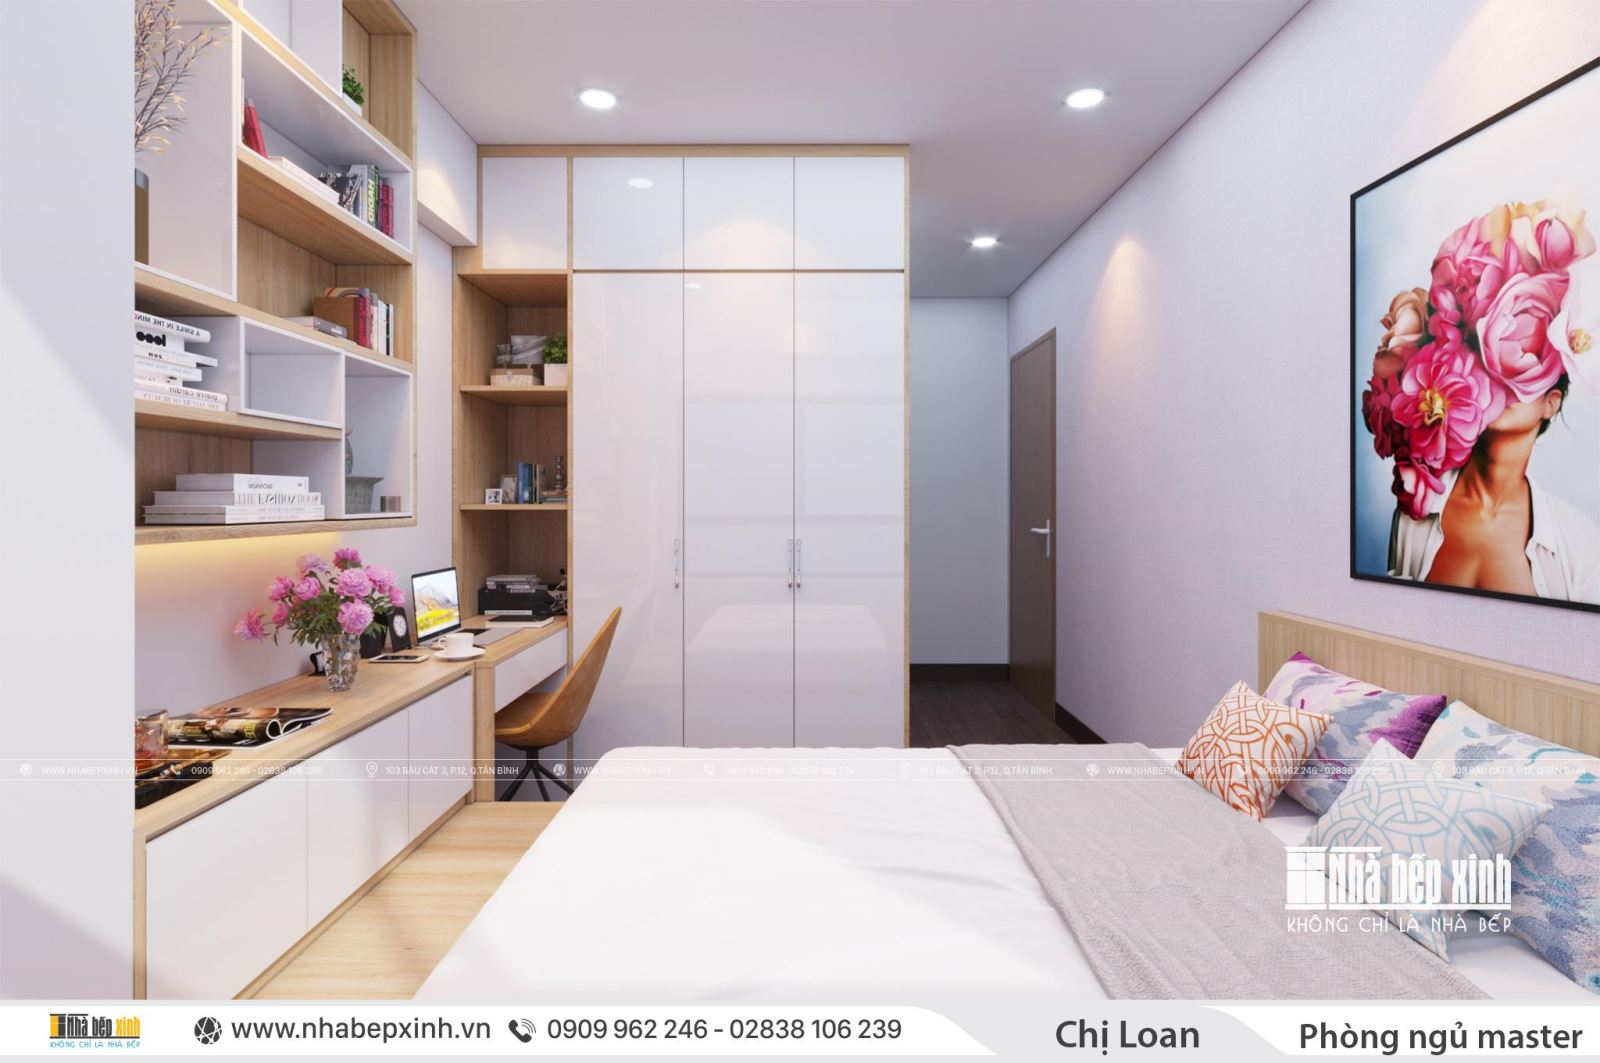 Thiết kế nội thất trọn gói đẹp dành cho căn hộ 2 phòng ngủ